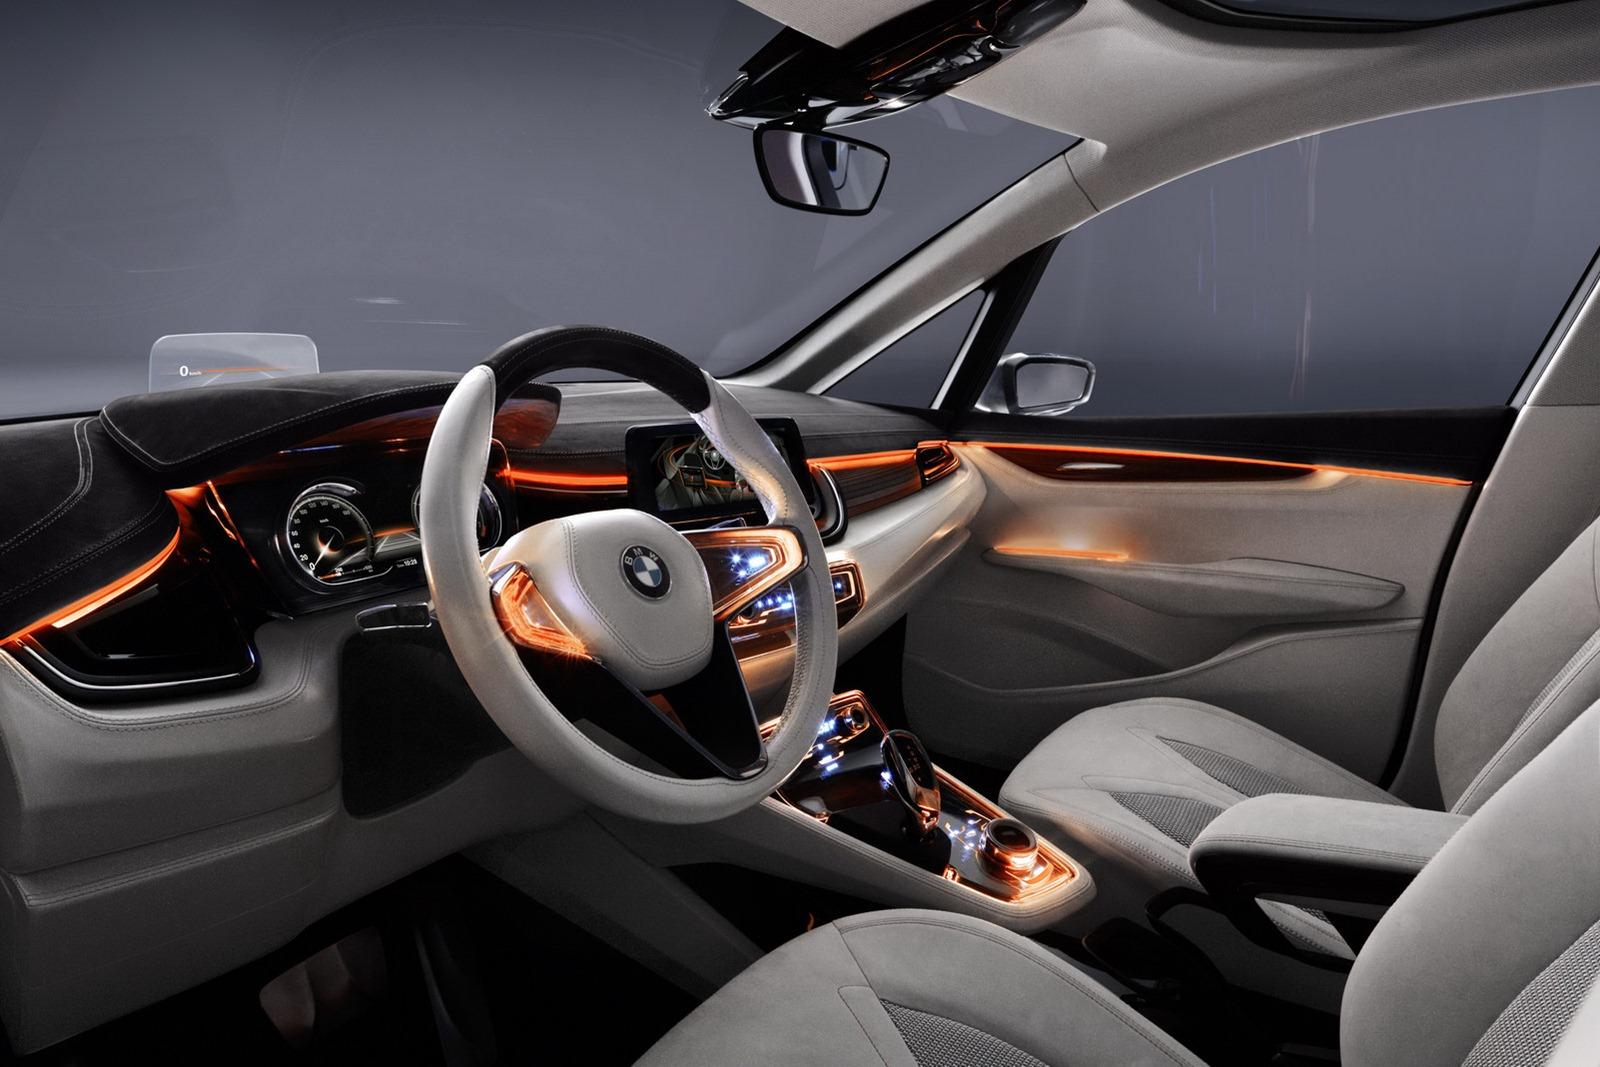 Auto Model 2012: BMW Active Tourer Concept (2012)